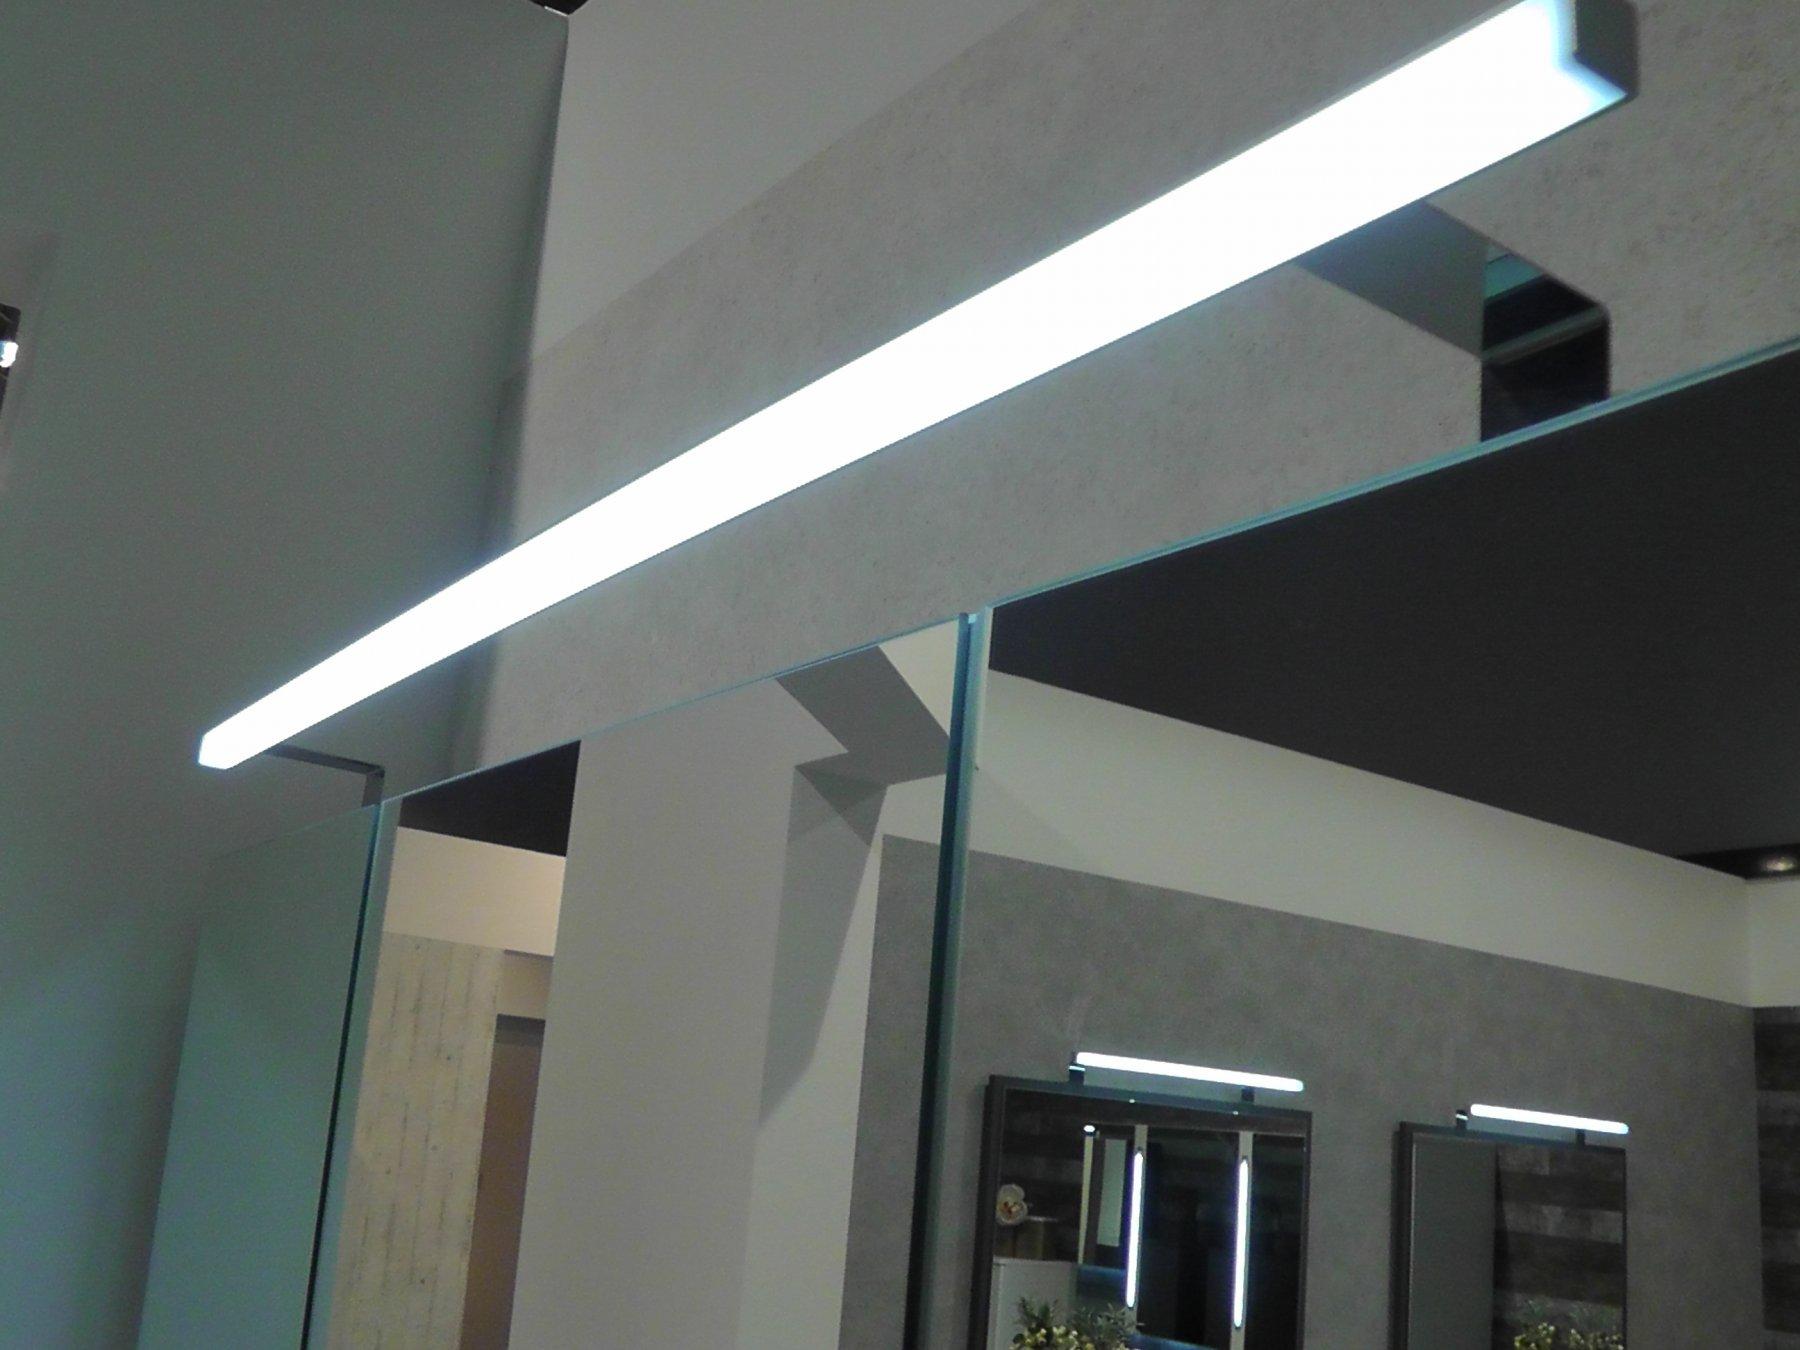 Einzigartig PURIS Line LED Aufbauleuchte 50 cm - Badmöbel - Arcom Center SW13